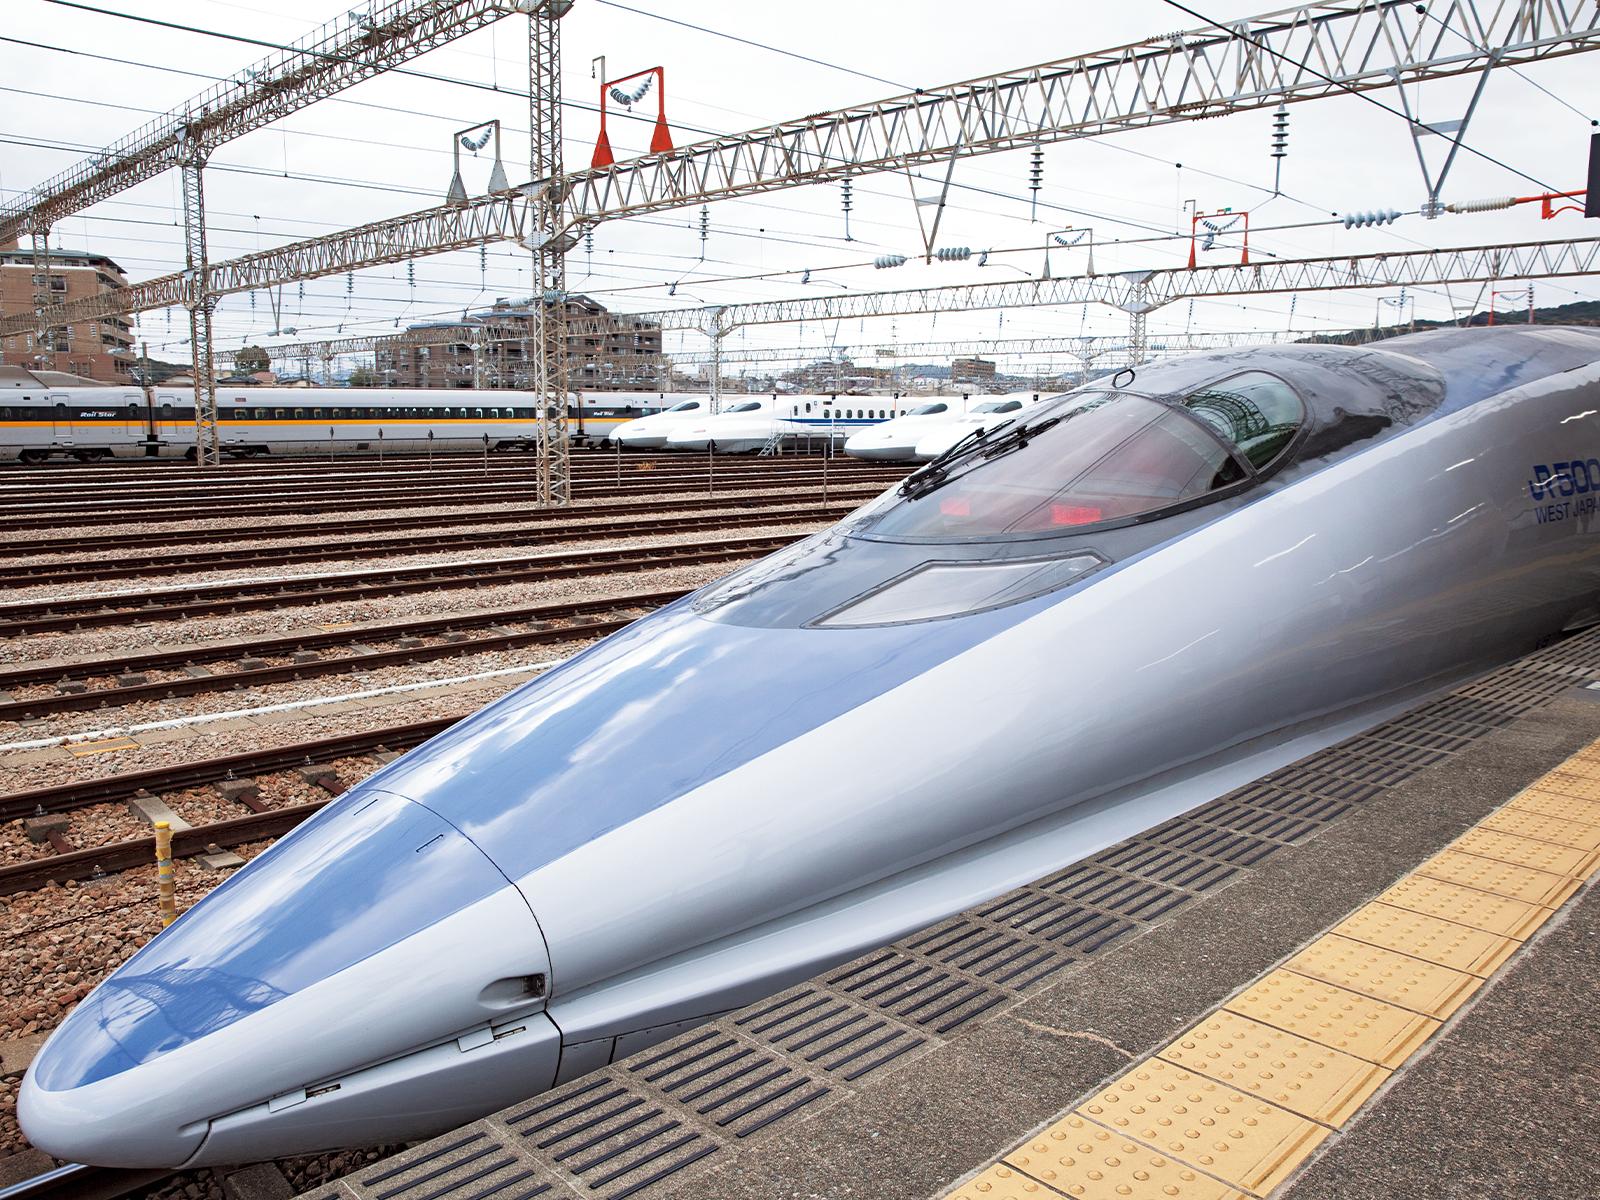 世界最速の時速300キロ以上で走っていた500系電車も運行。博多駅との片道約8.5キロを8分程度、300円で走る。